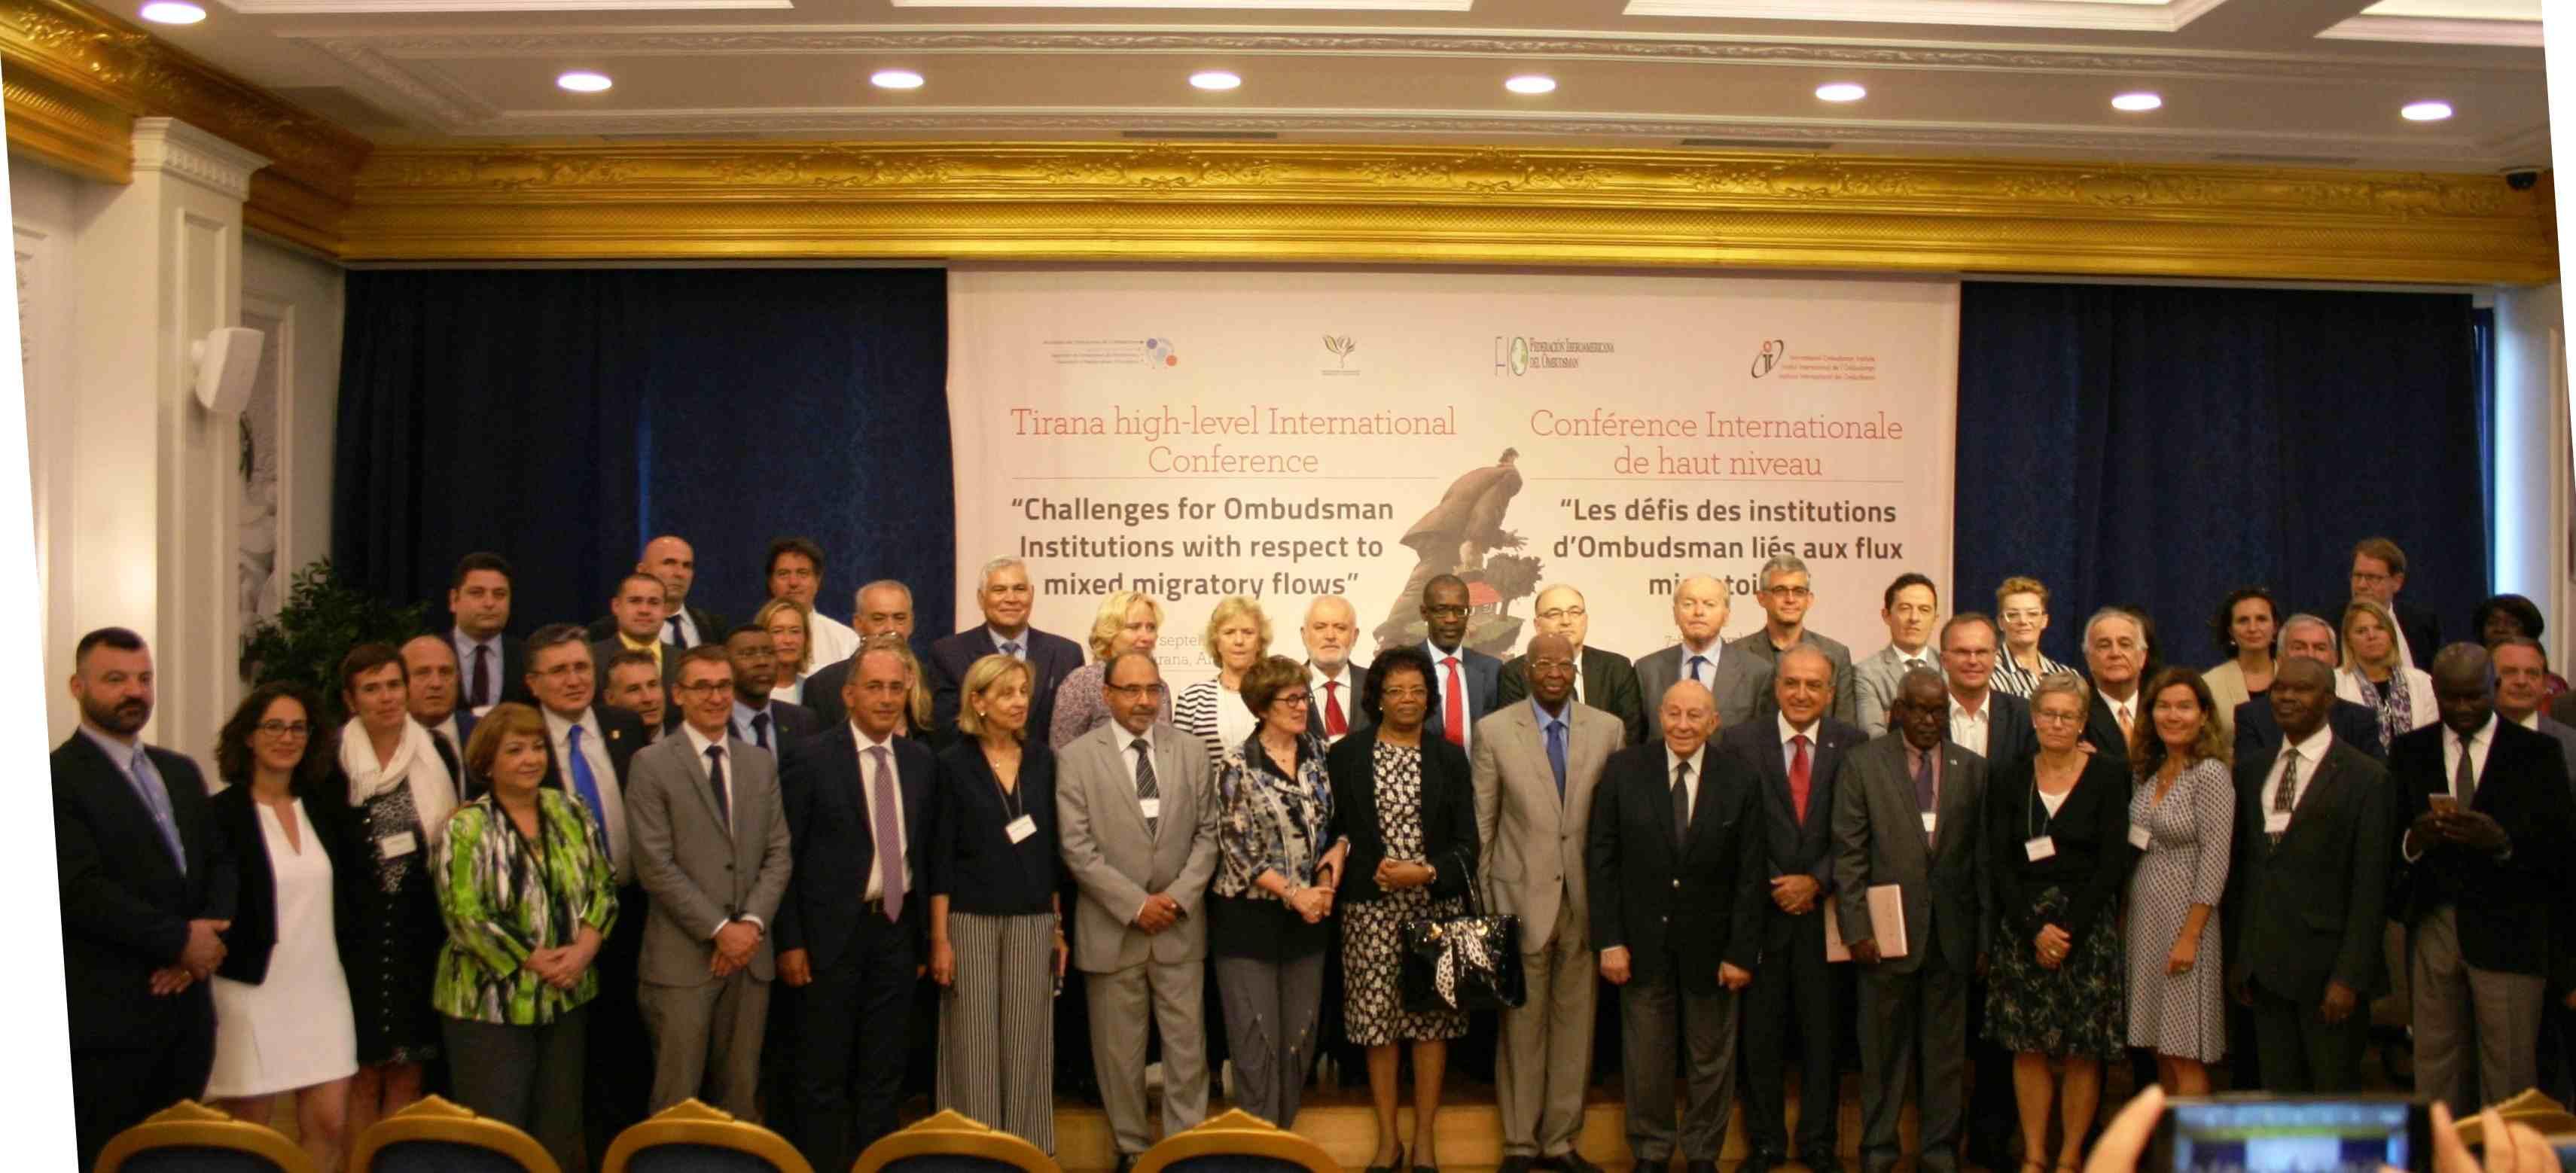 Foto de grupo del encuentro internacional de instituciones del Ombudsman sobre flujos migratorios